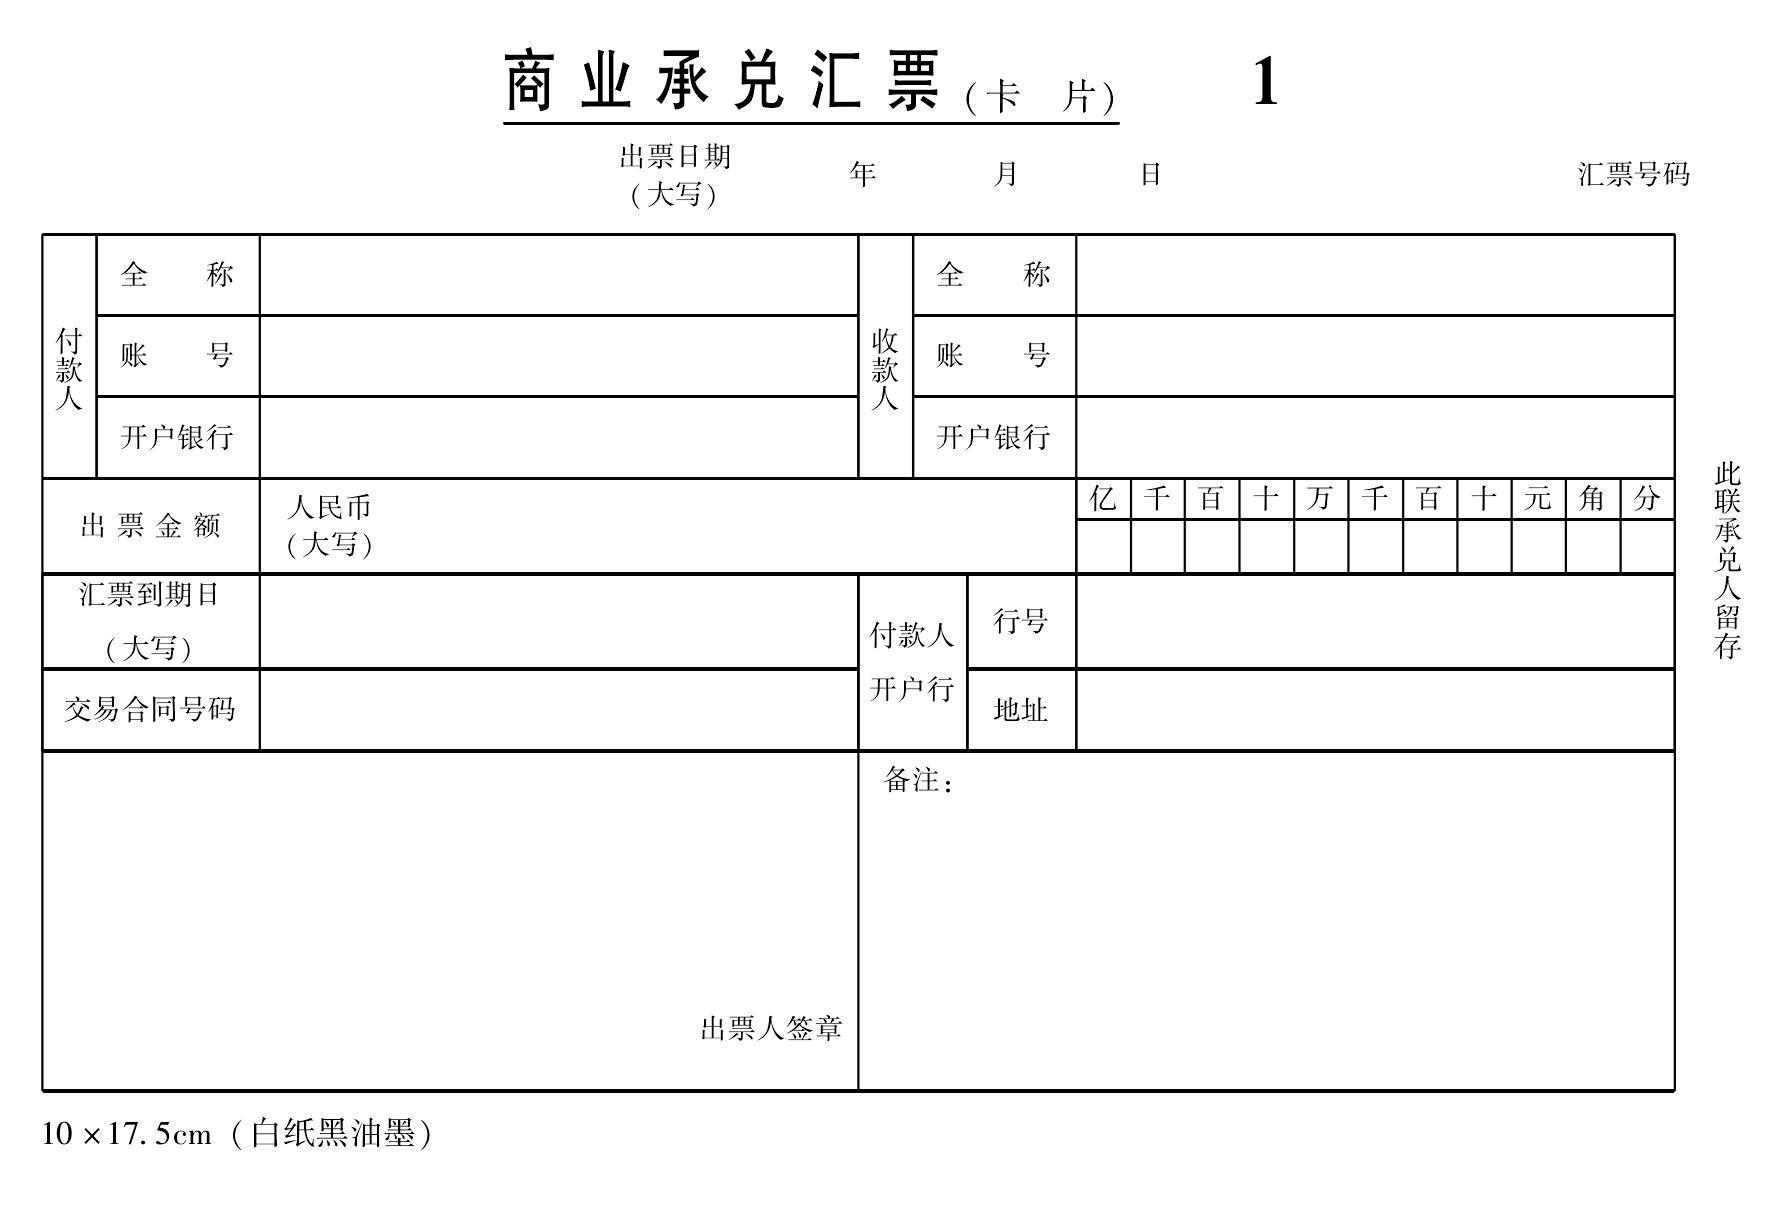 汇票样式图片